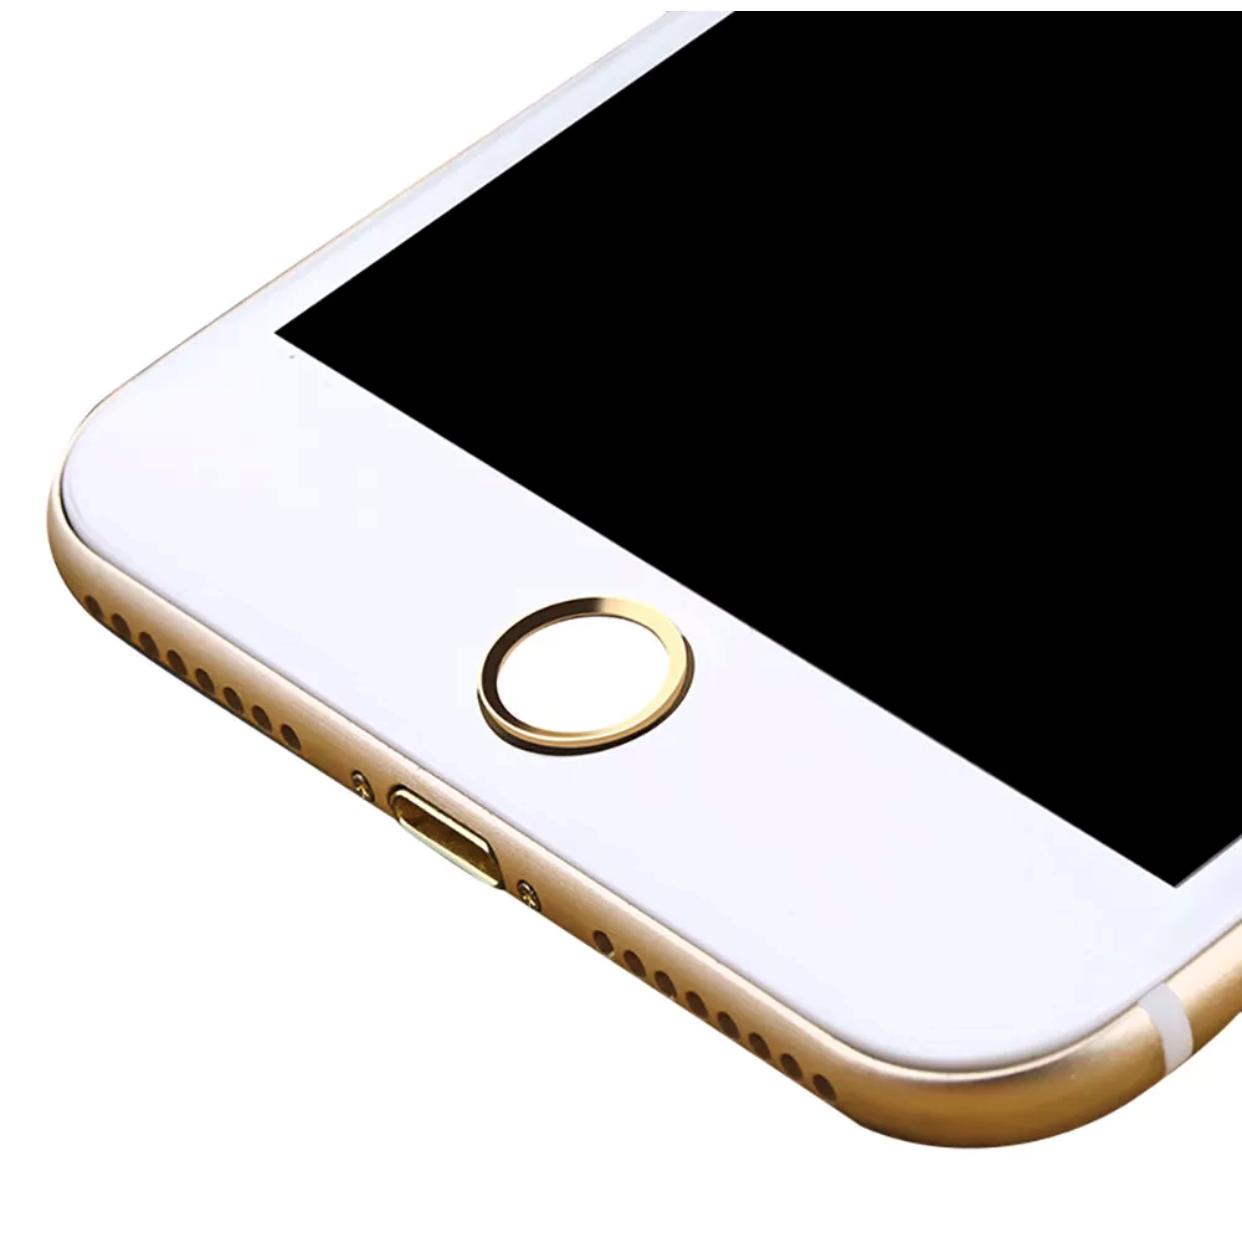 Стикер/наклейка на кнопку Home для iPhone 7/8 с Touch Id